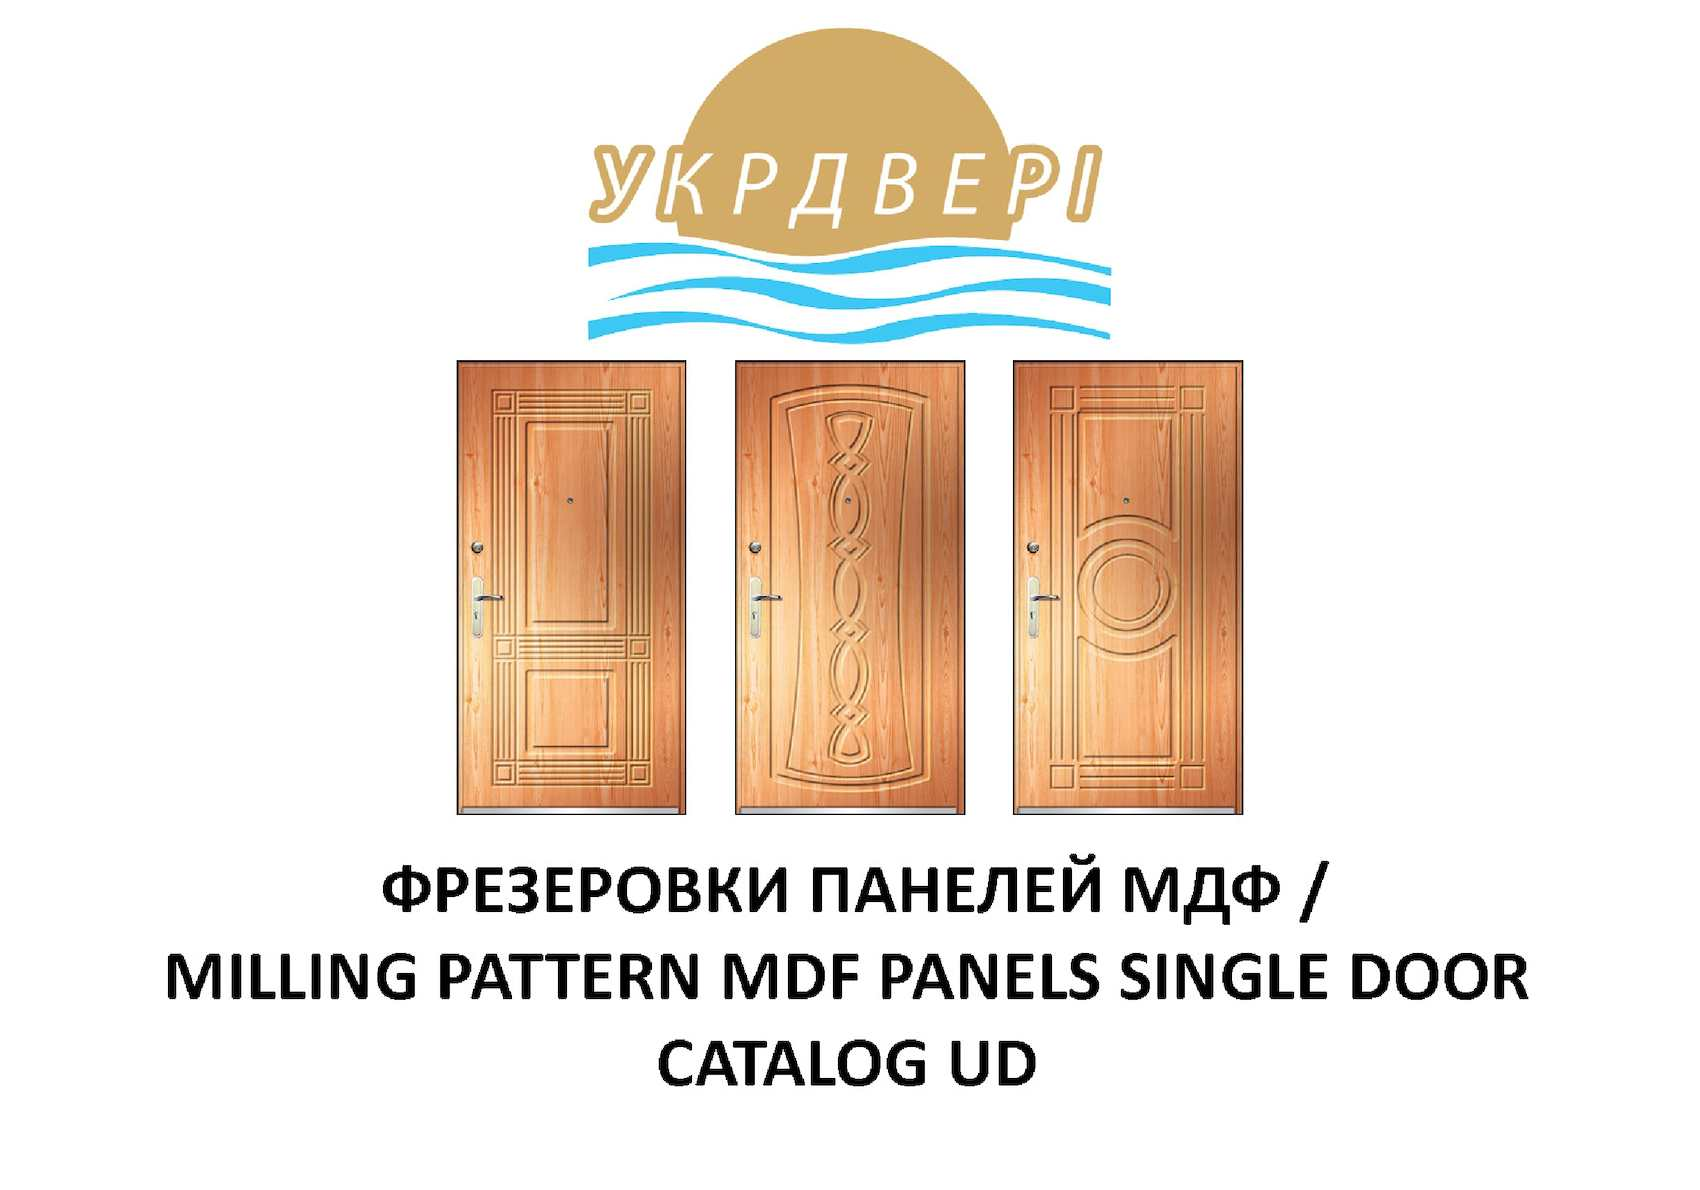 Каталог ФРЕЗЕРОВКИ ПАНЕЛЕЙ МДФ / MILLING PATTERN MDF PANELS (UD)